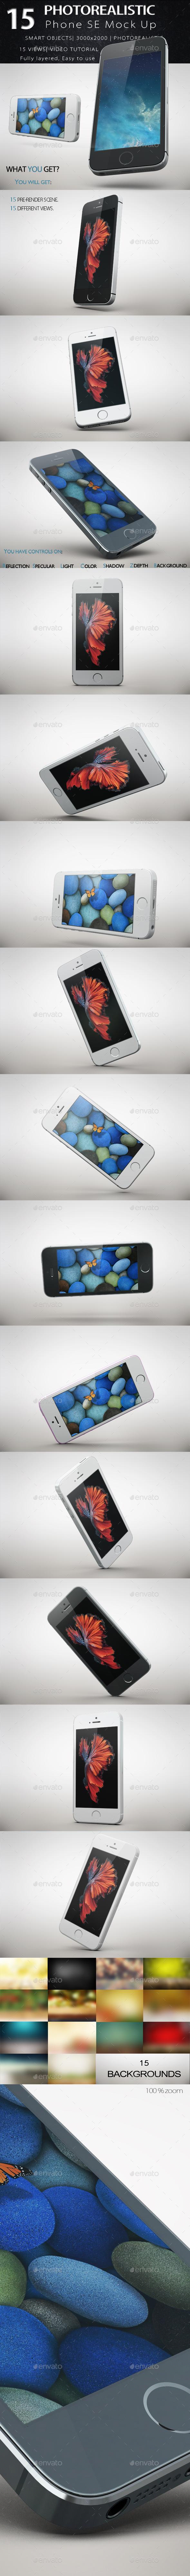 Phone SE Mock Up  - Mobile Displays